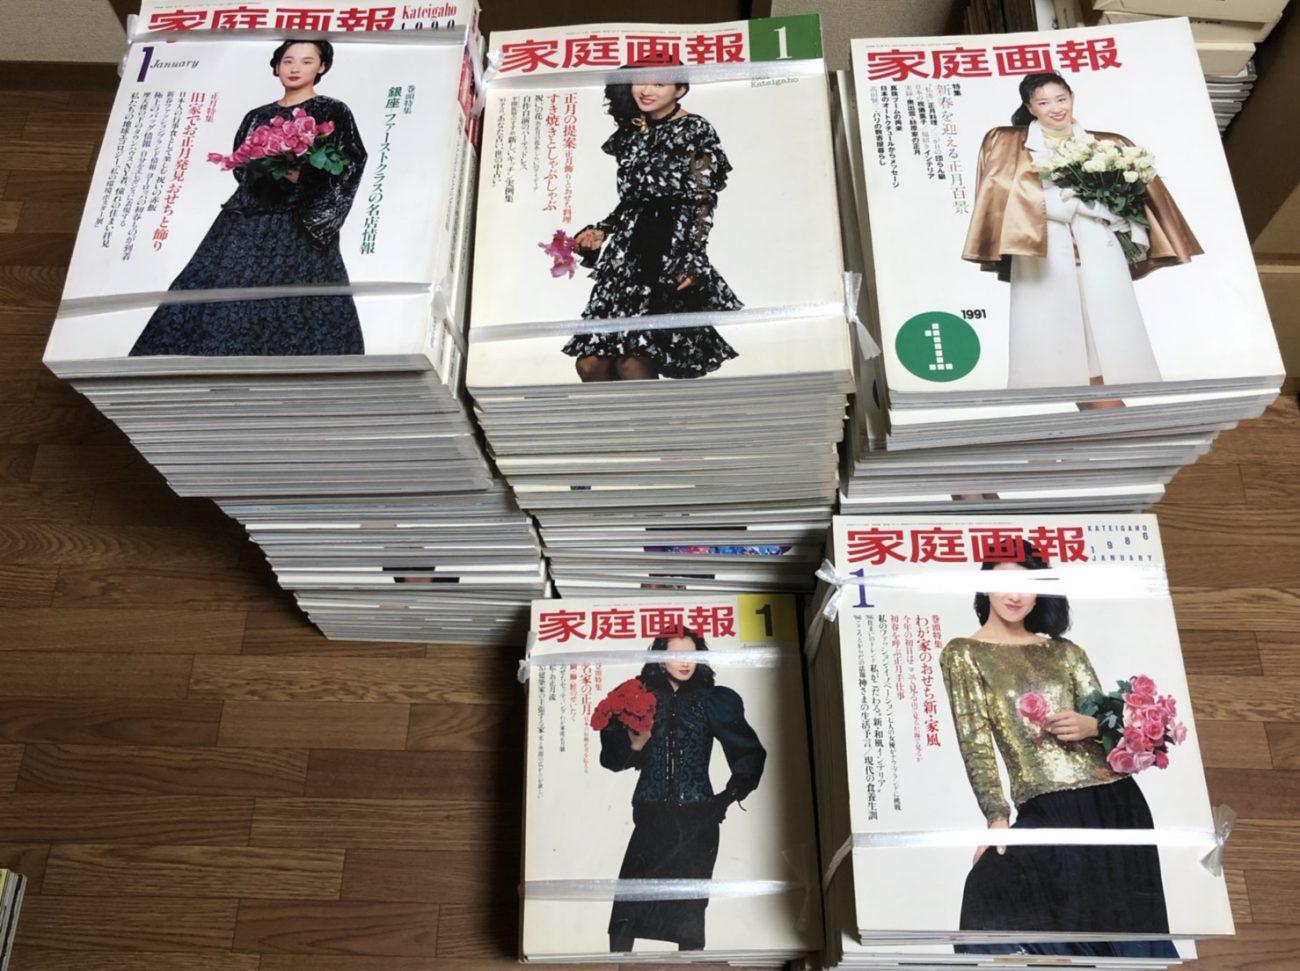 kateigaho/magazine